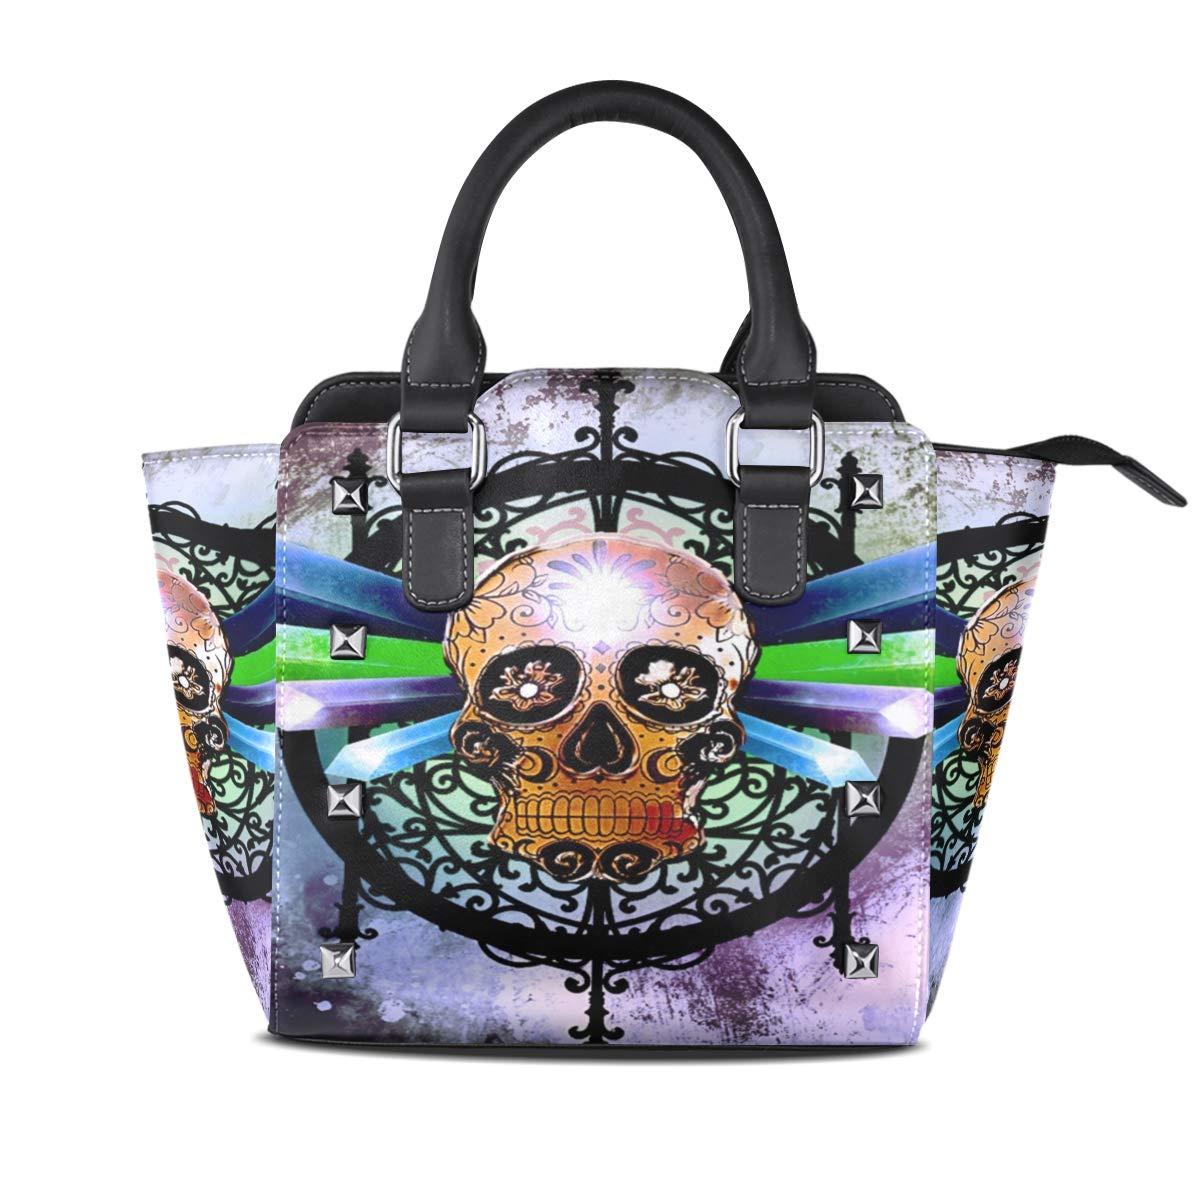 Design5 Handbag Sector Genuine Leather Tote Rivet Bag Shoulder Strap Top Handle Women